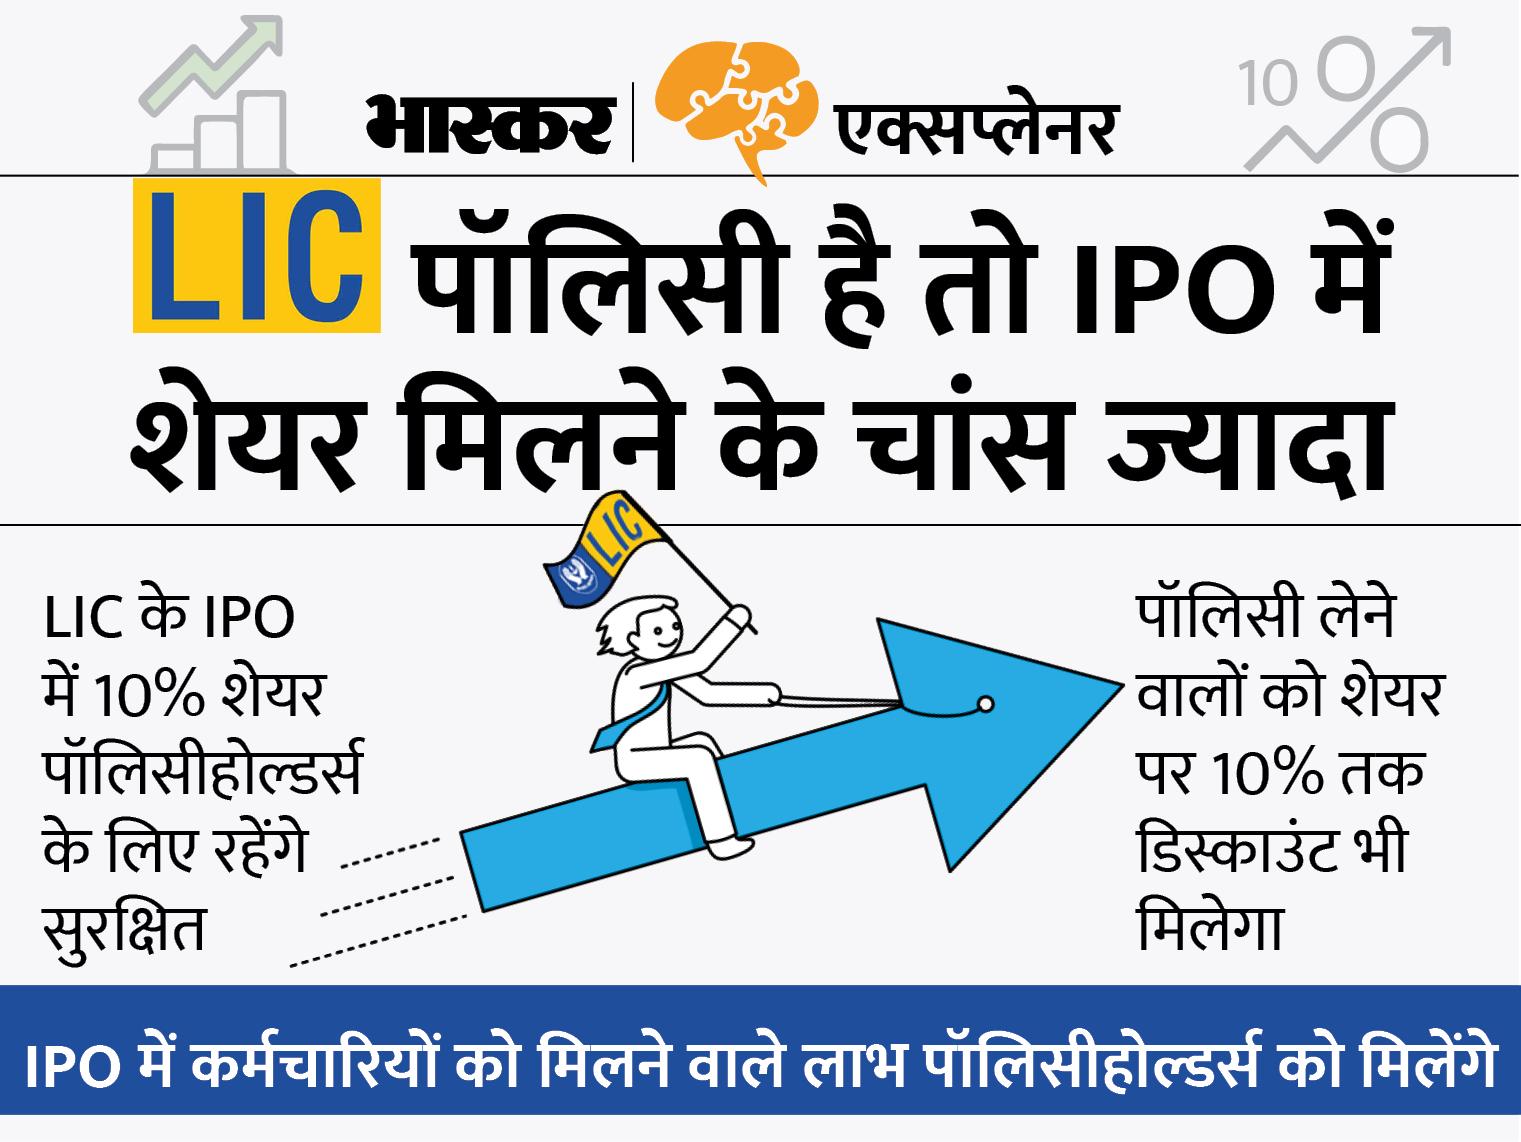 LIC का IPO आने वाला है; अगर आपके पास LIC की पॉलिसी है तो इस IPO से आपको क्या फायदा होगा, जानिए सब कुछ|एक्सप्लेनर,Explainer - Dainik Bhaskar